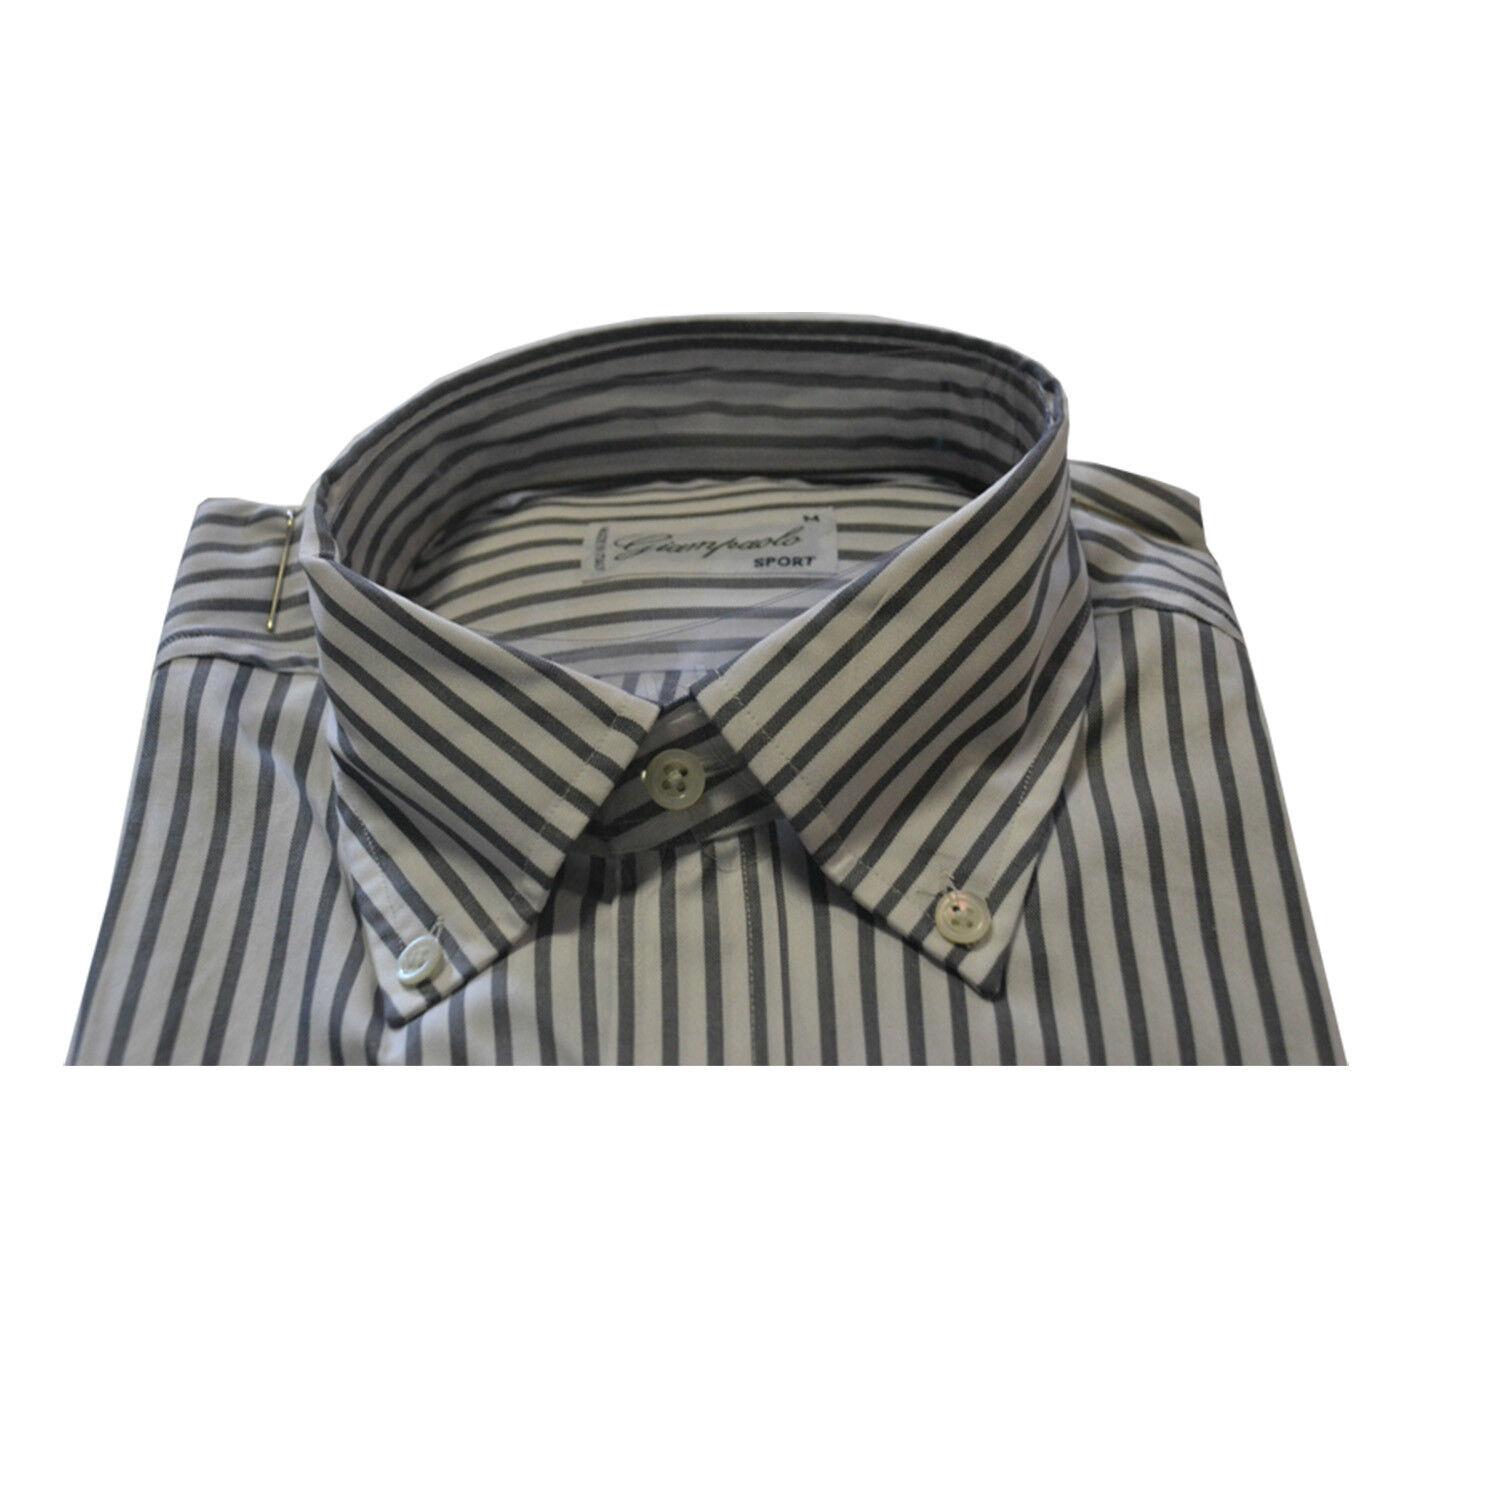 GIAMPAOLO GIAMPAOLO GIAMPAOLO SPORT Herrenhemd Rillen Regular Fit 100 | Maßstab ist der Grundstein, Qualität ist Säulenbalken, Preis ist Leiter  eaccf3